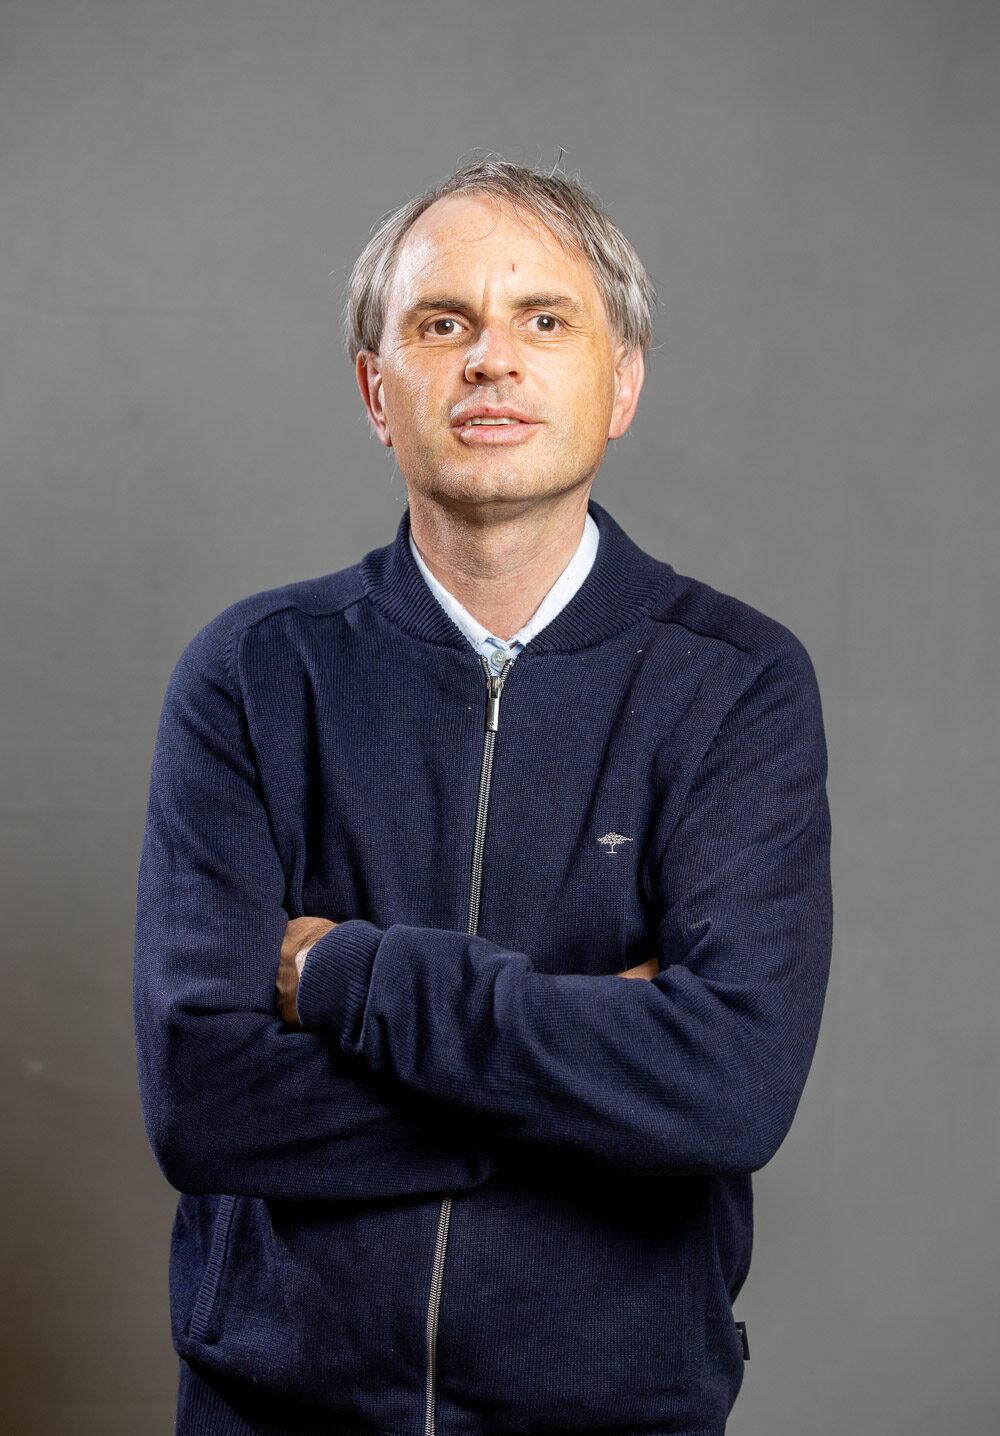 Eine Portraitaufnahme von Christof Müller. Er trägt eine blaue Strickjacke und hat seine Arme vor dem Körper verschränkt. Seine grauen Haare sind zu einem Scheitel frisiert, Foto: Christof Müller.